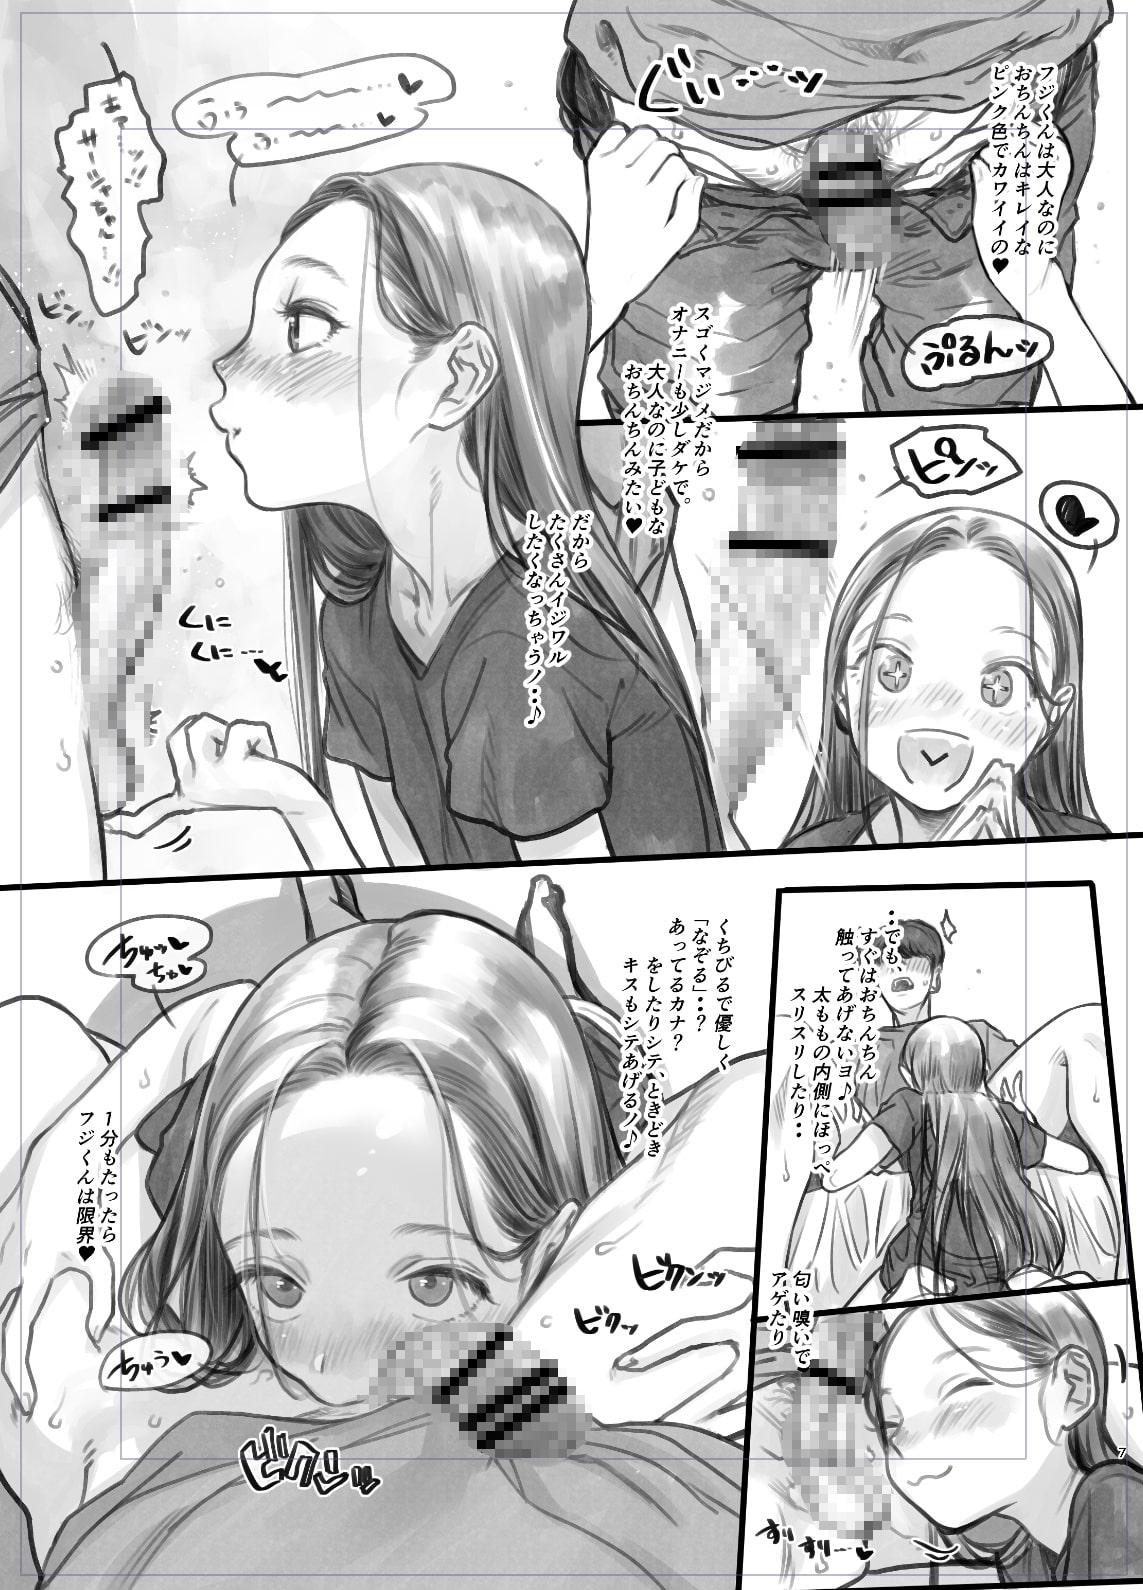 金髪碧眼J○.アイドルのお気に入りセックスフレンド紹介 1(第3位フジくん編)のサンプル画像